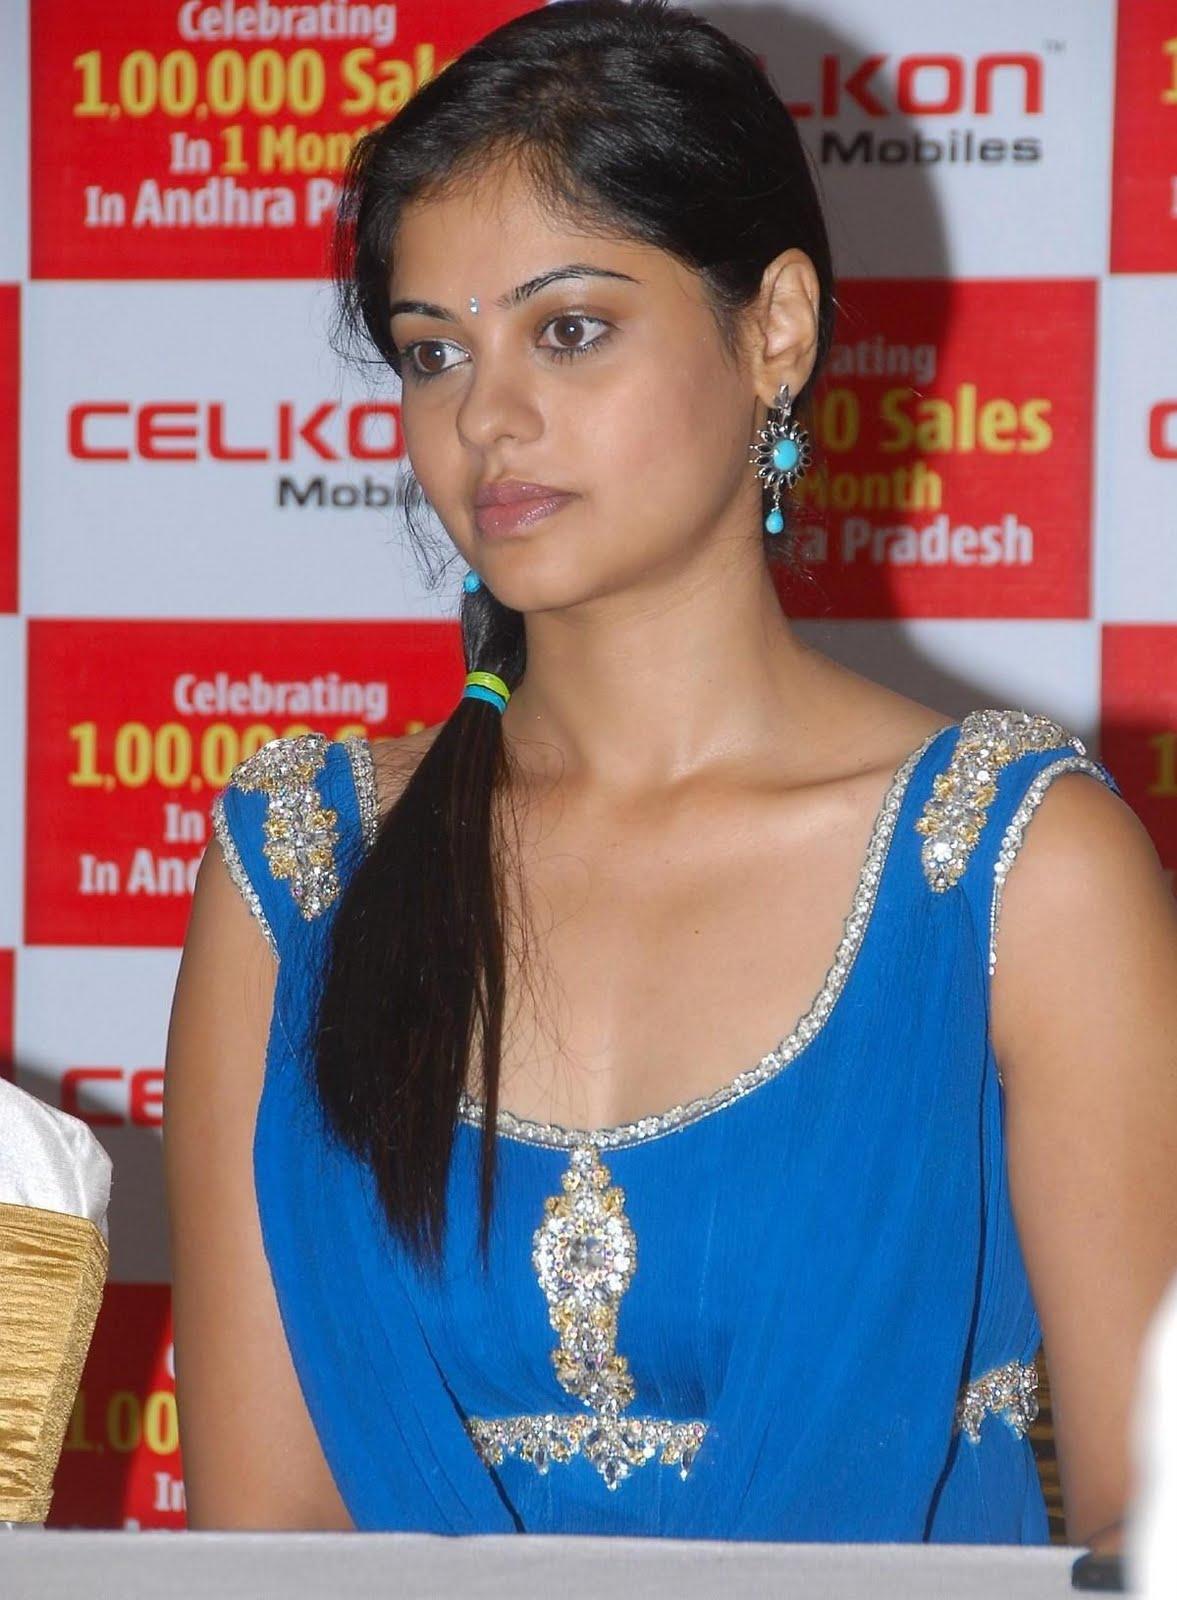 http://4.bp.blogspot.com/-rMfWDMP-kyg/TmYh9dr6FhI/AAAAAAAAFFM/LufnQ0dJCU0/s1600/Actress-Bindu-Madhavi-Blue-Dress-Paos_actresspaoszone.blogspot.com_1.jpg